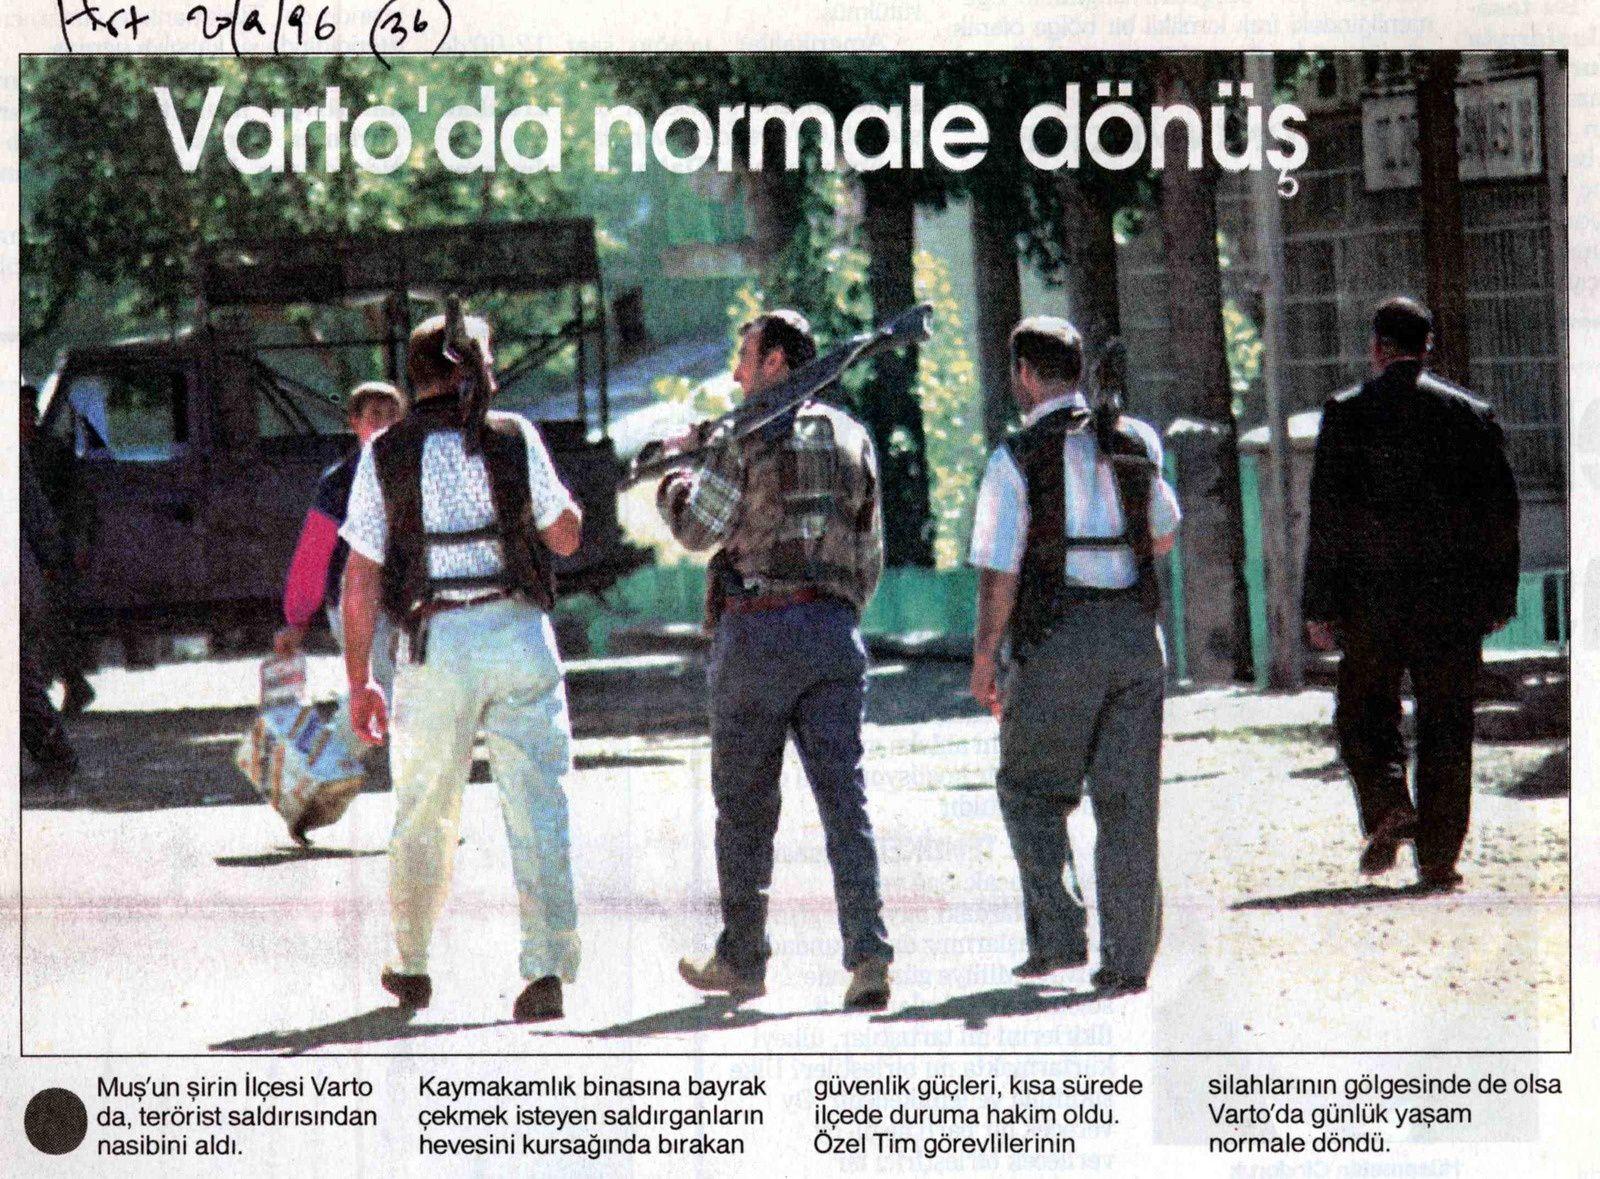 """""""Retour à la normale à Varto"""". Hürriyet, 20 septembre 1996"""